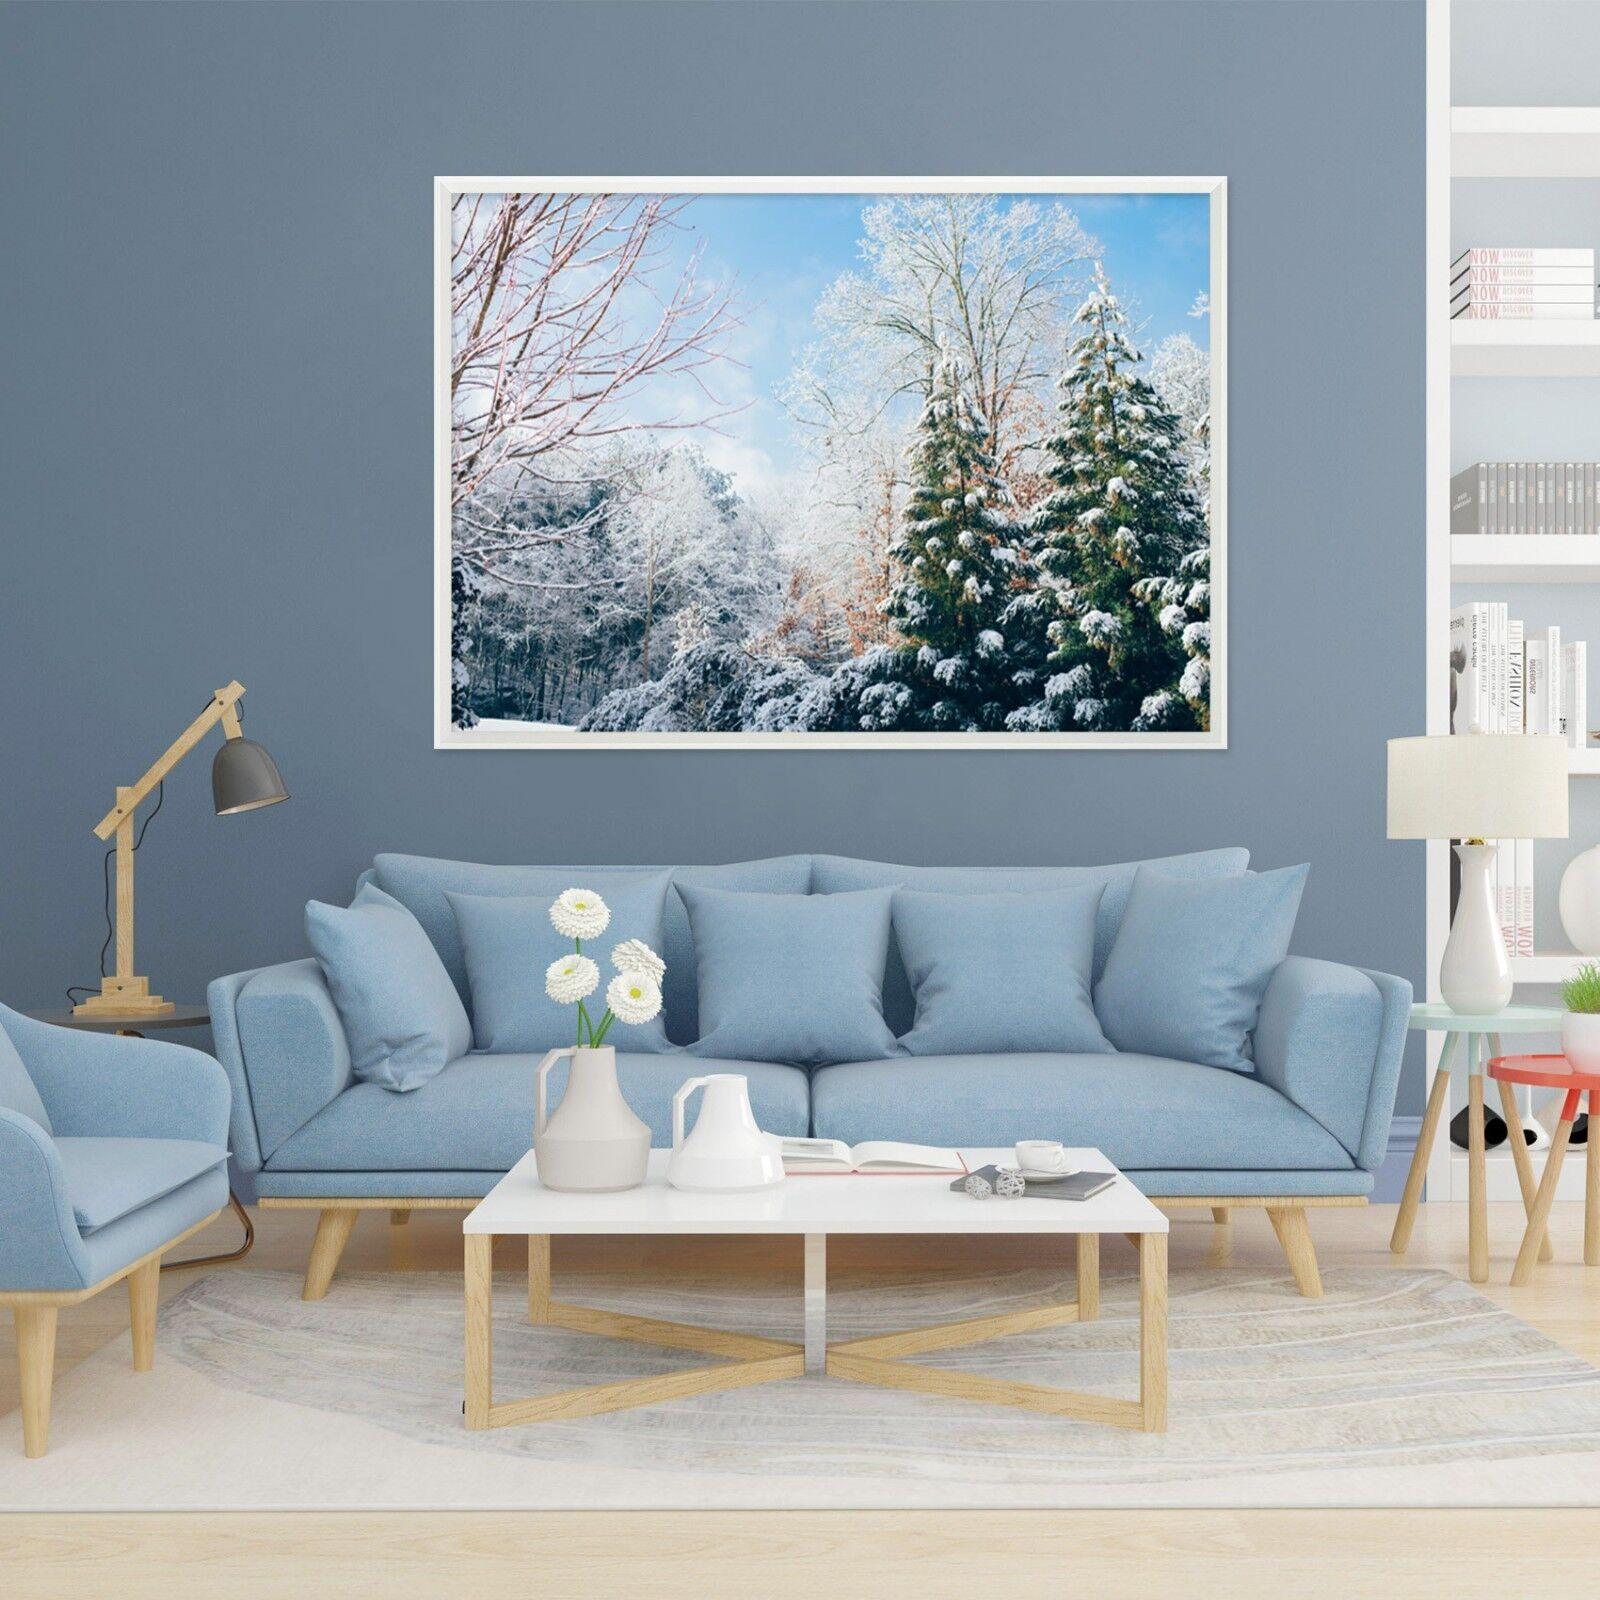 3d neige arbre 62 Encadré Poster à la maison décor imprimer peinture art AJ